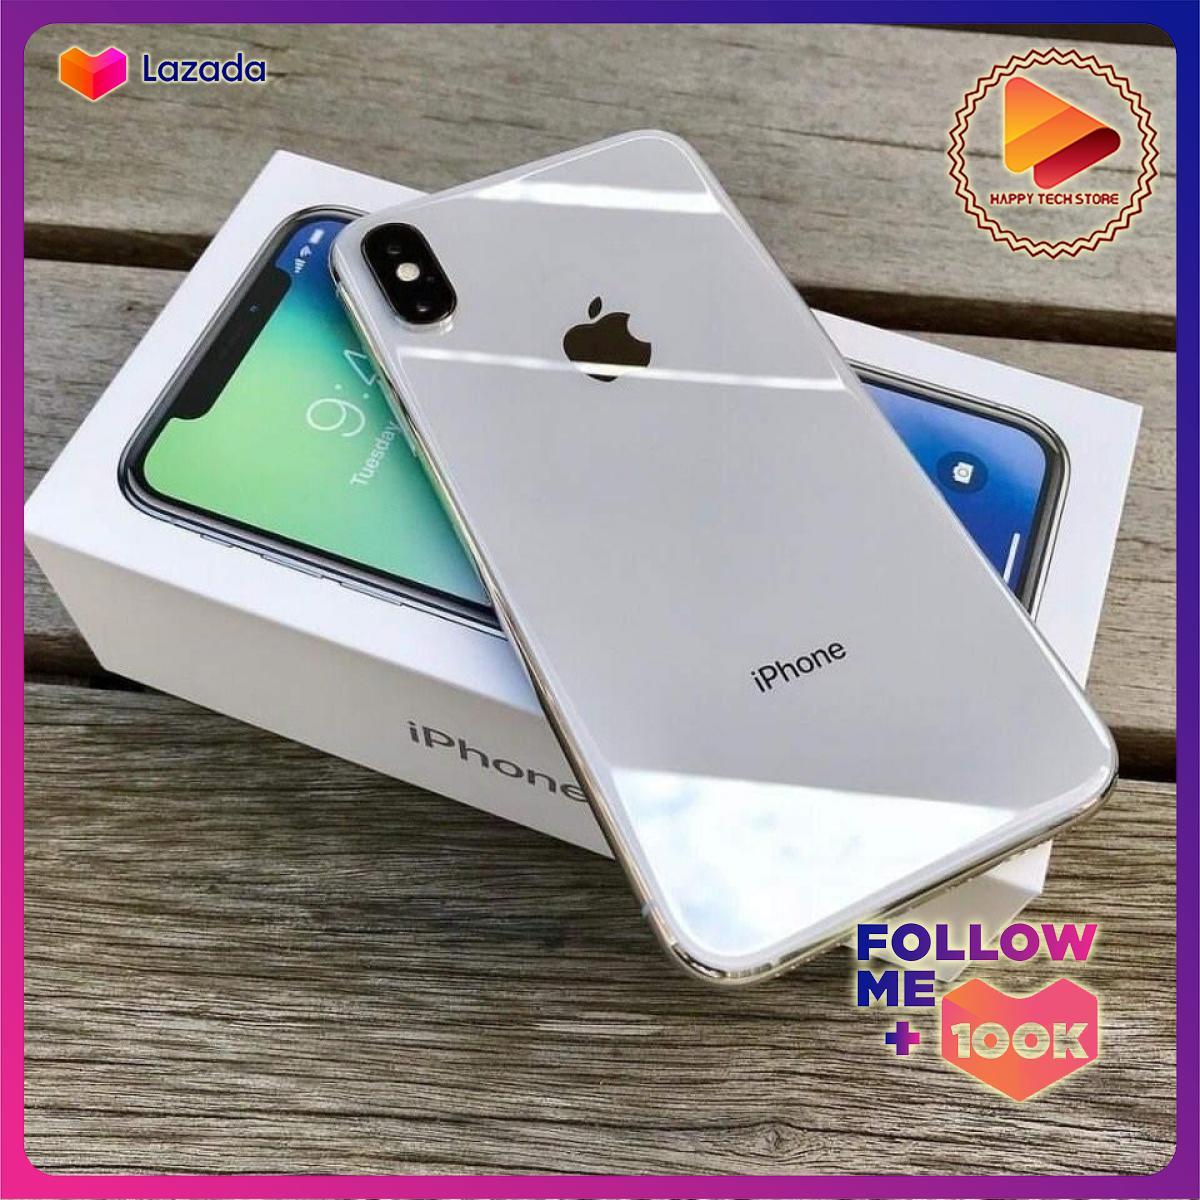 Điện thoại I.P H O N E X 64gb Trắng Bạc Silver chuẩn quốc tế